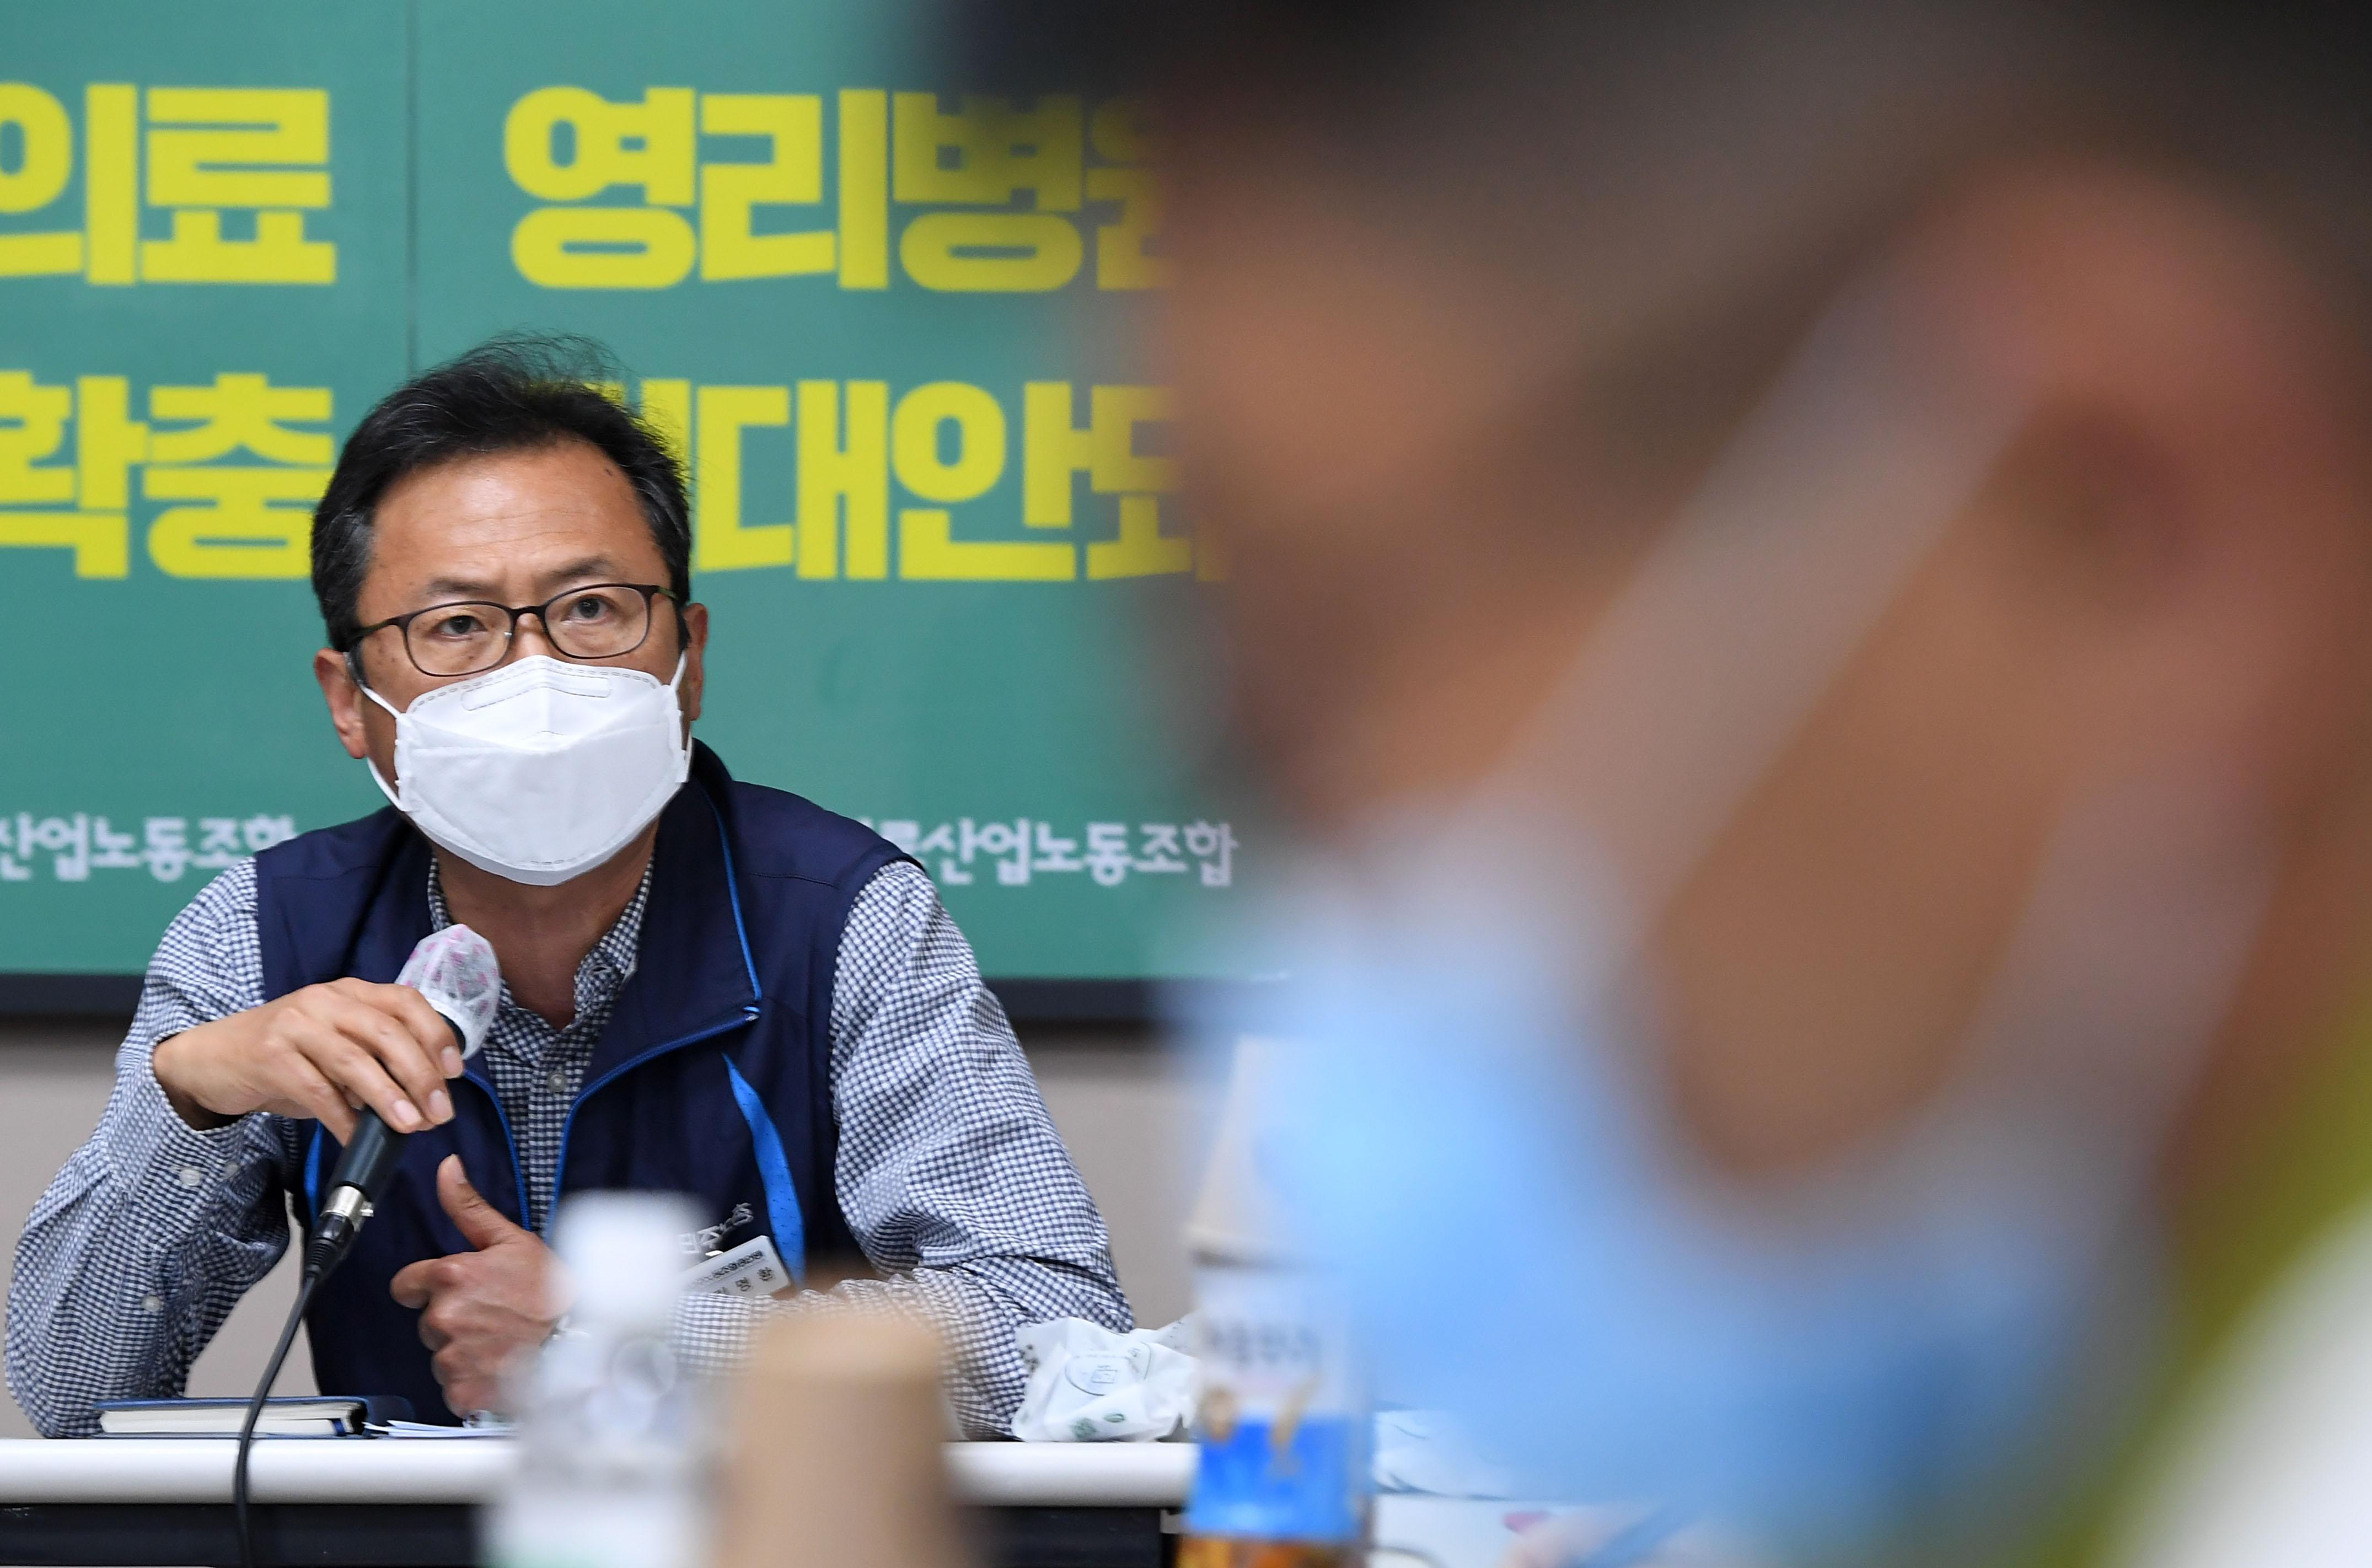 '민주노총, 보건의료노동자의 목소리를 듣다'